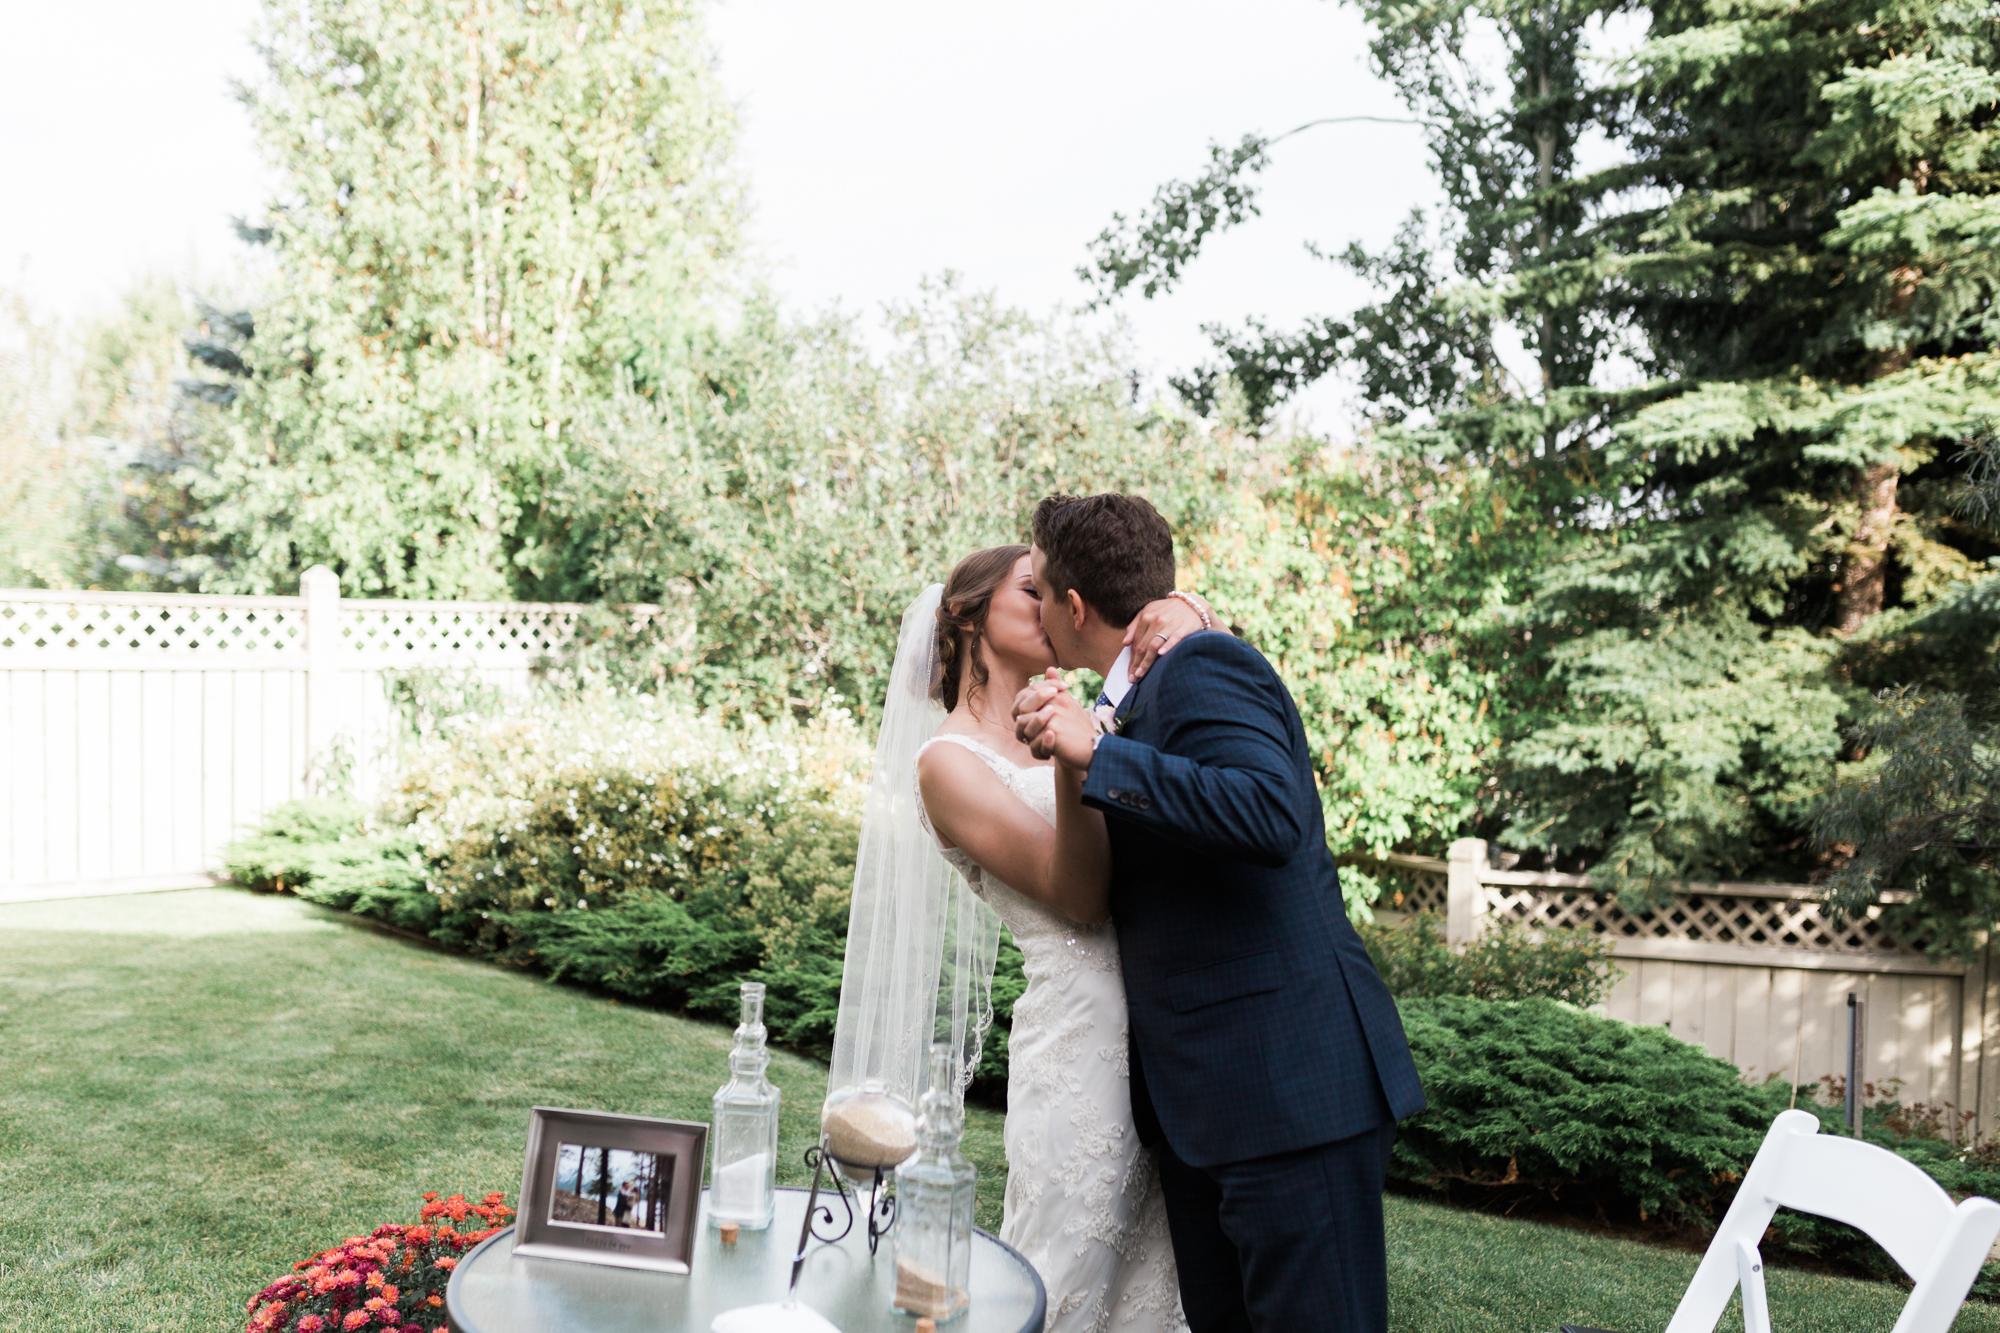 Deanna-Rachel-Photography-calgary-Wedding-photographer-jm-70.jpg